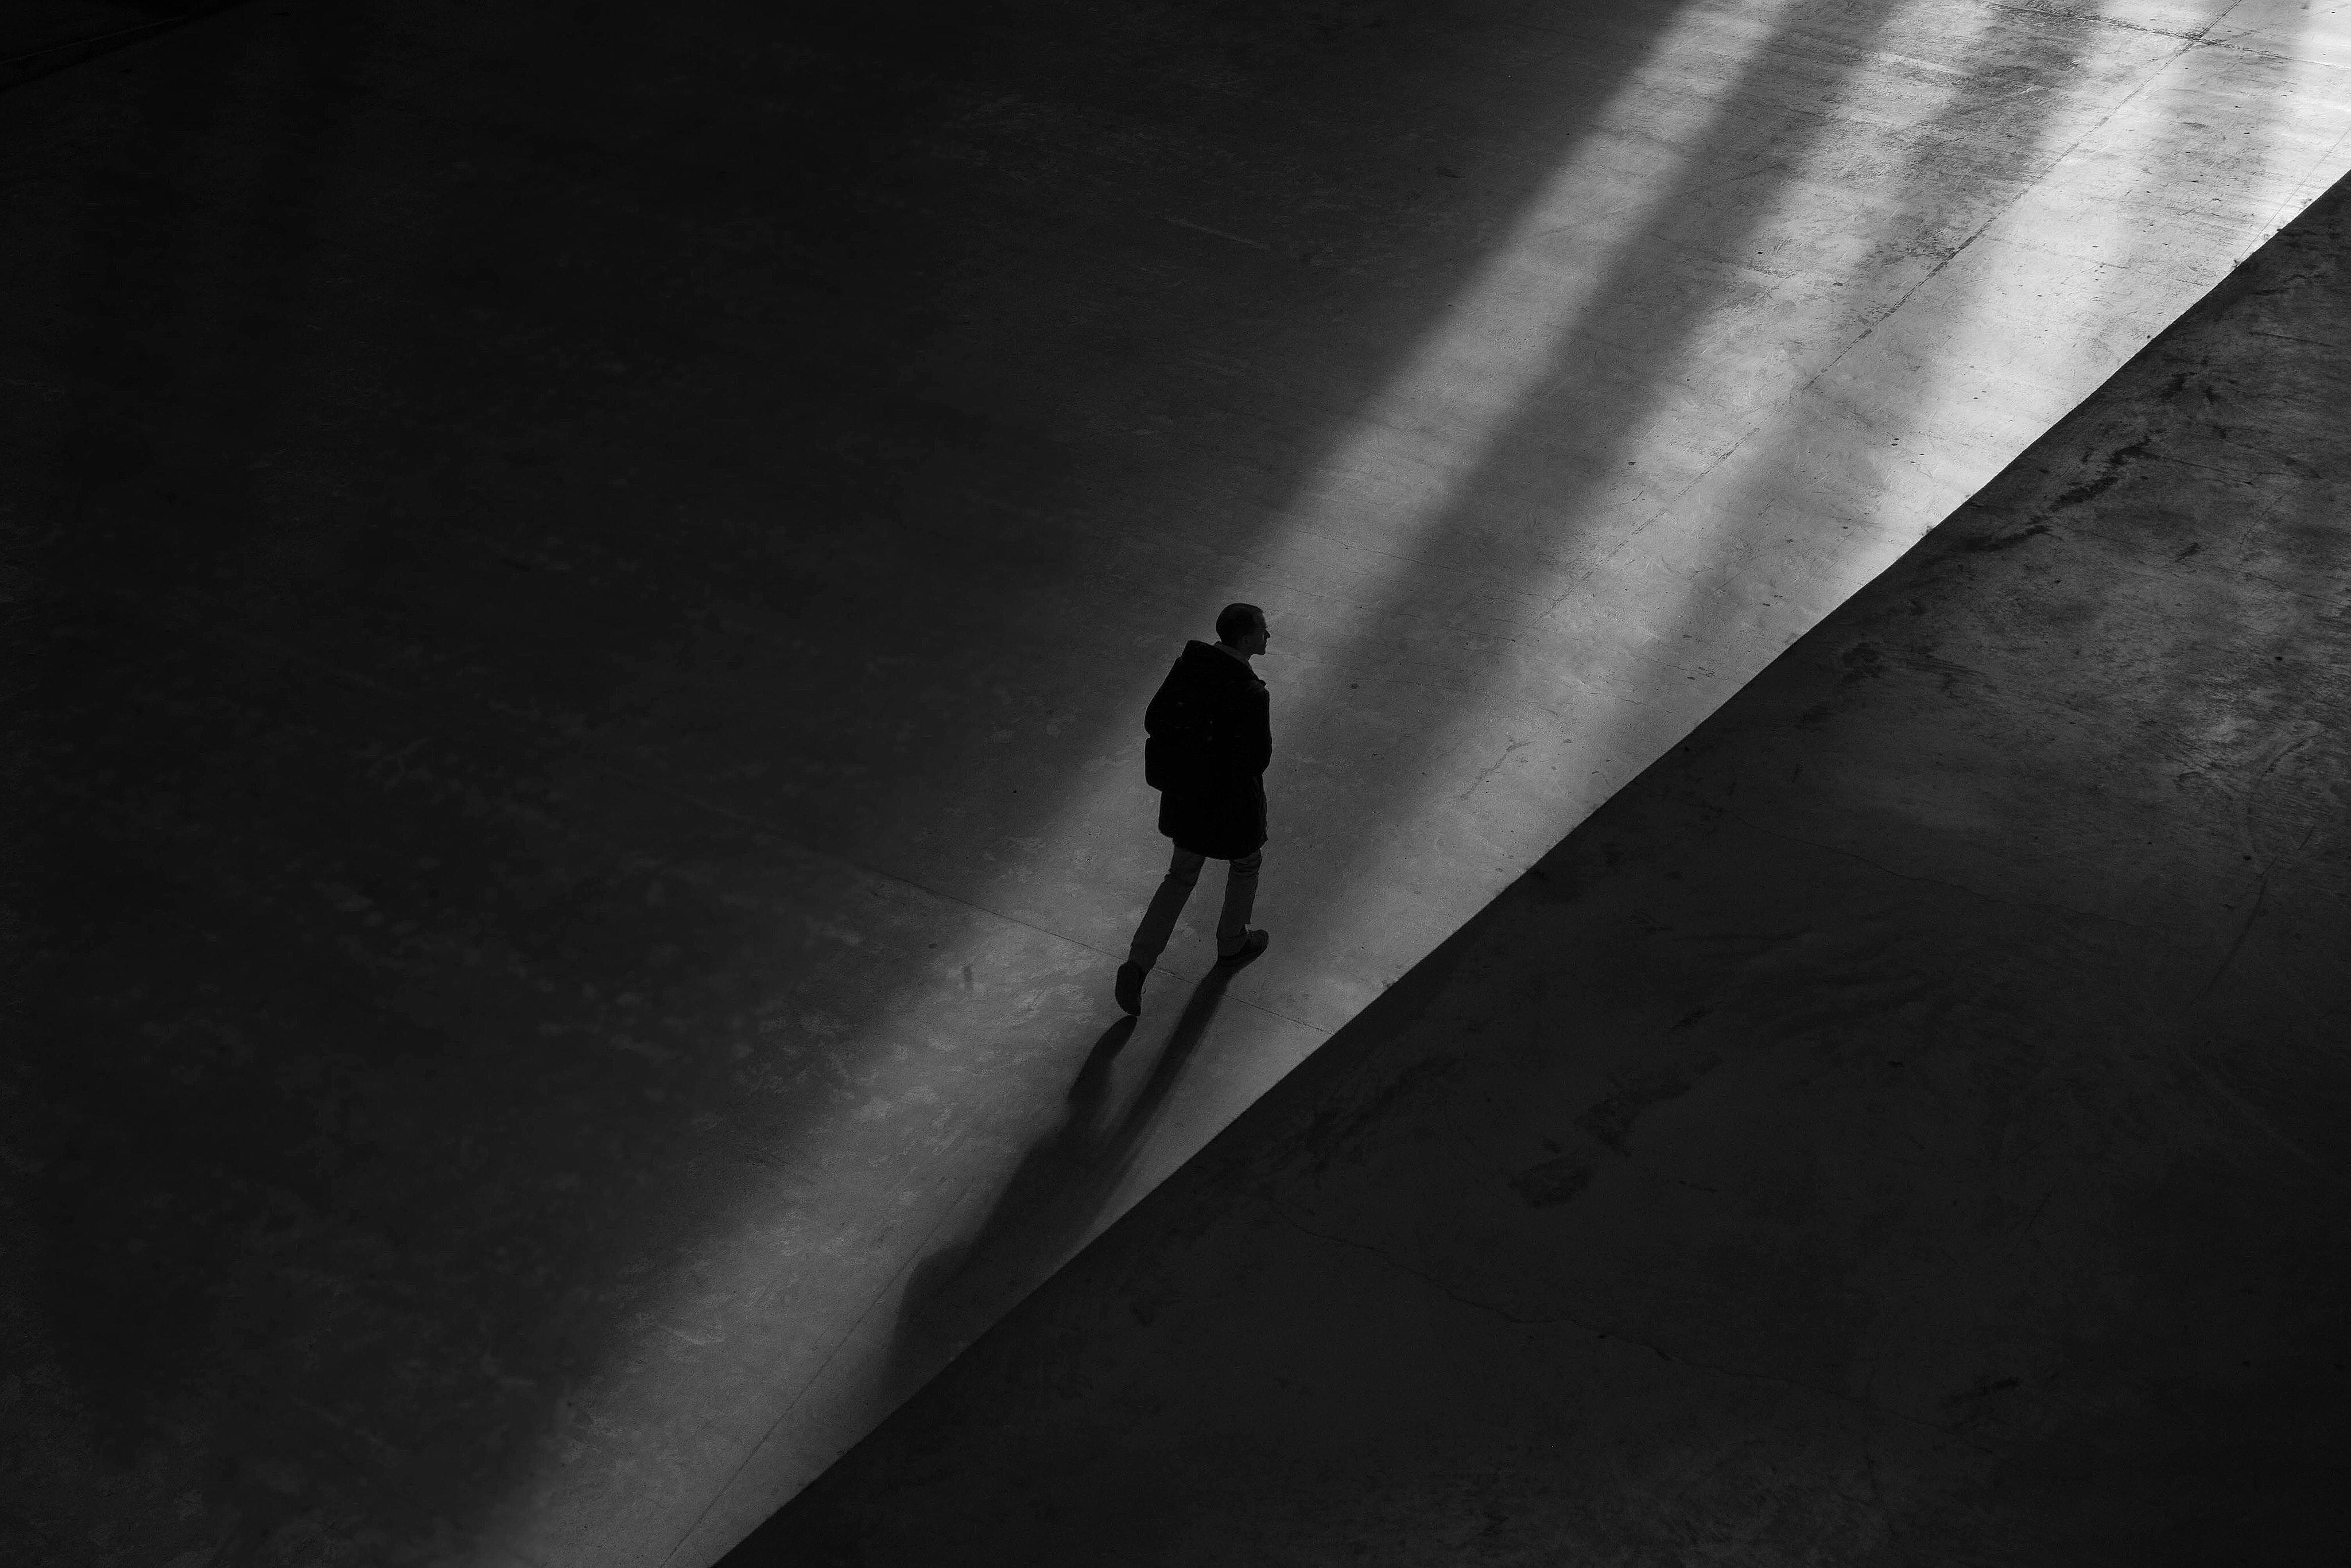 man walking to show sleep walking